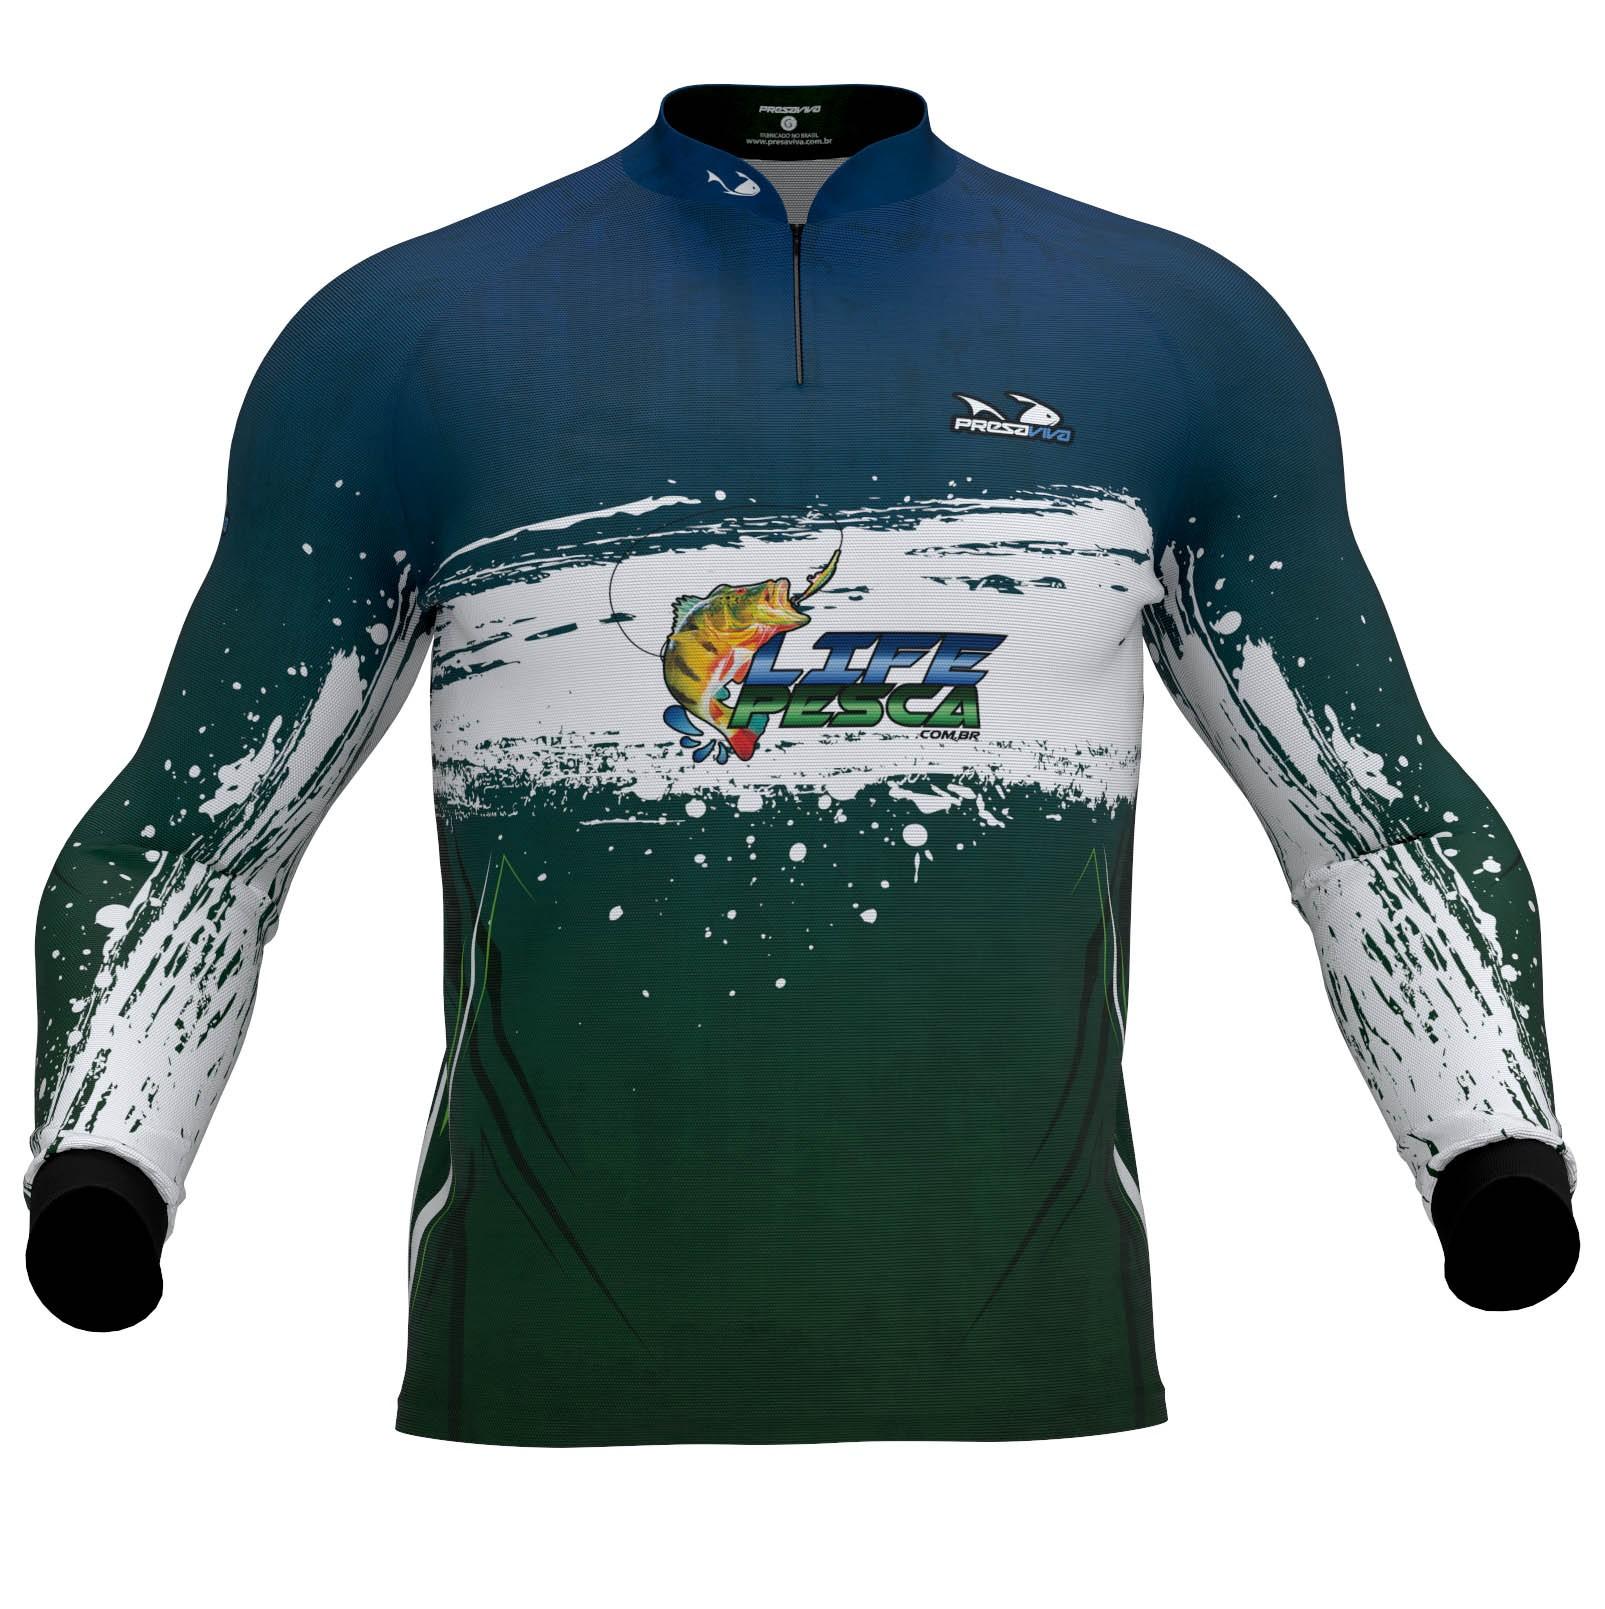 Camiseta De Pesca Presa Viva Masculina Proteção Solar Uv - LIFE PESCA